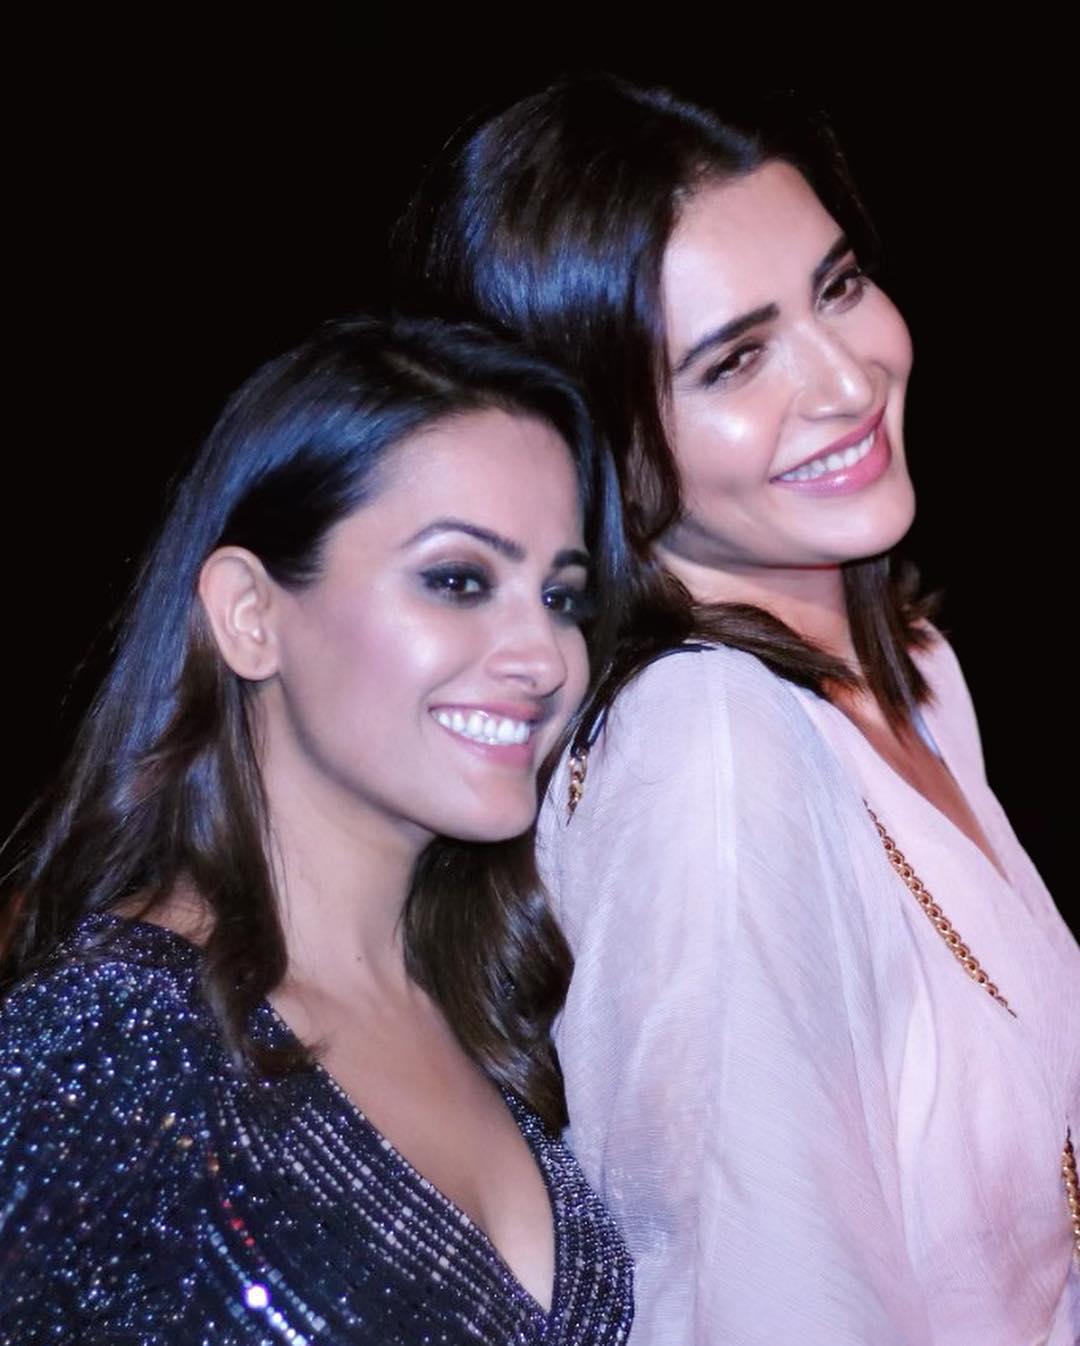 PunjabKesari, अनीता हसनंदानी इमेज, अनीता हसनंदानी फोटो, अनीता हसनंदानी पिक्चर